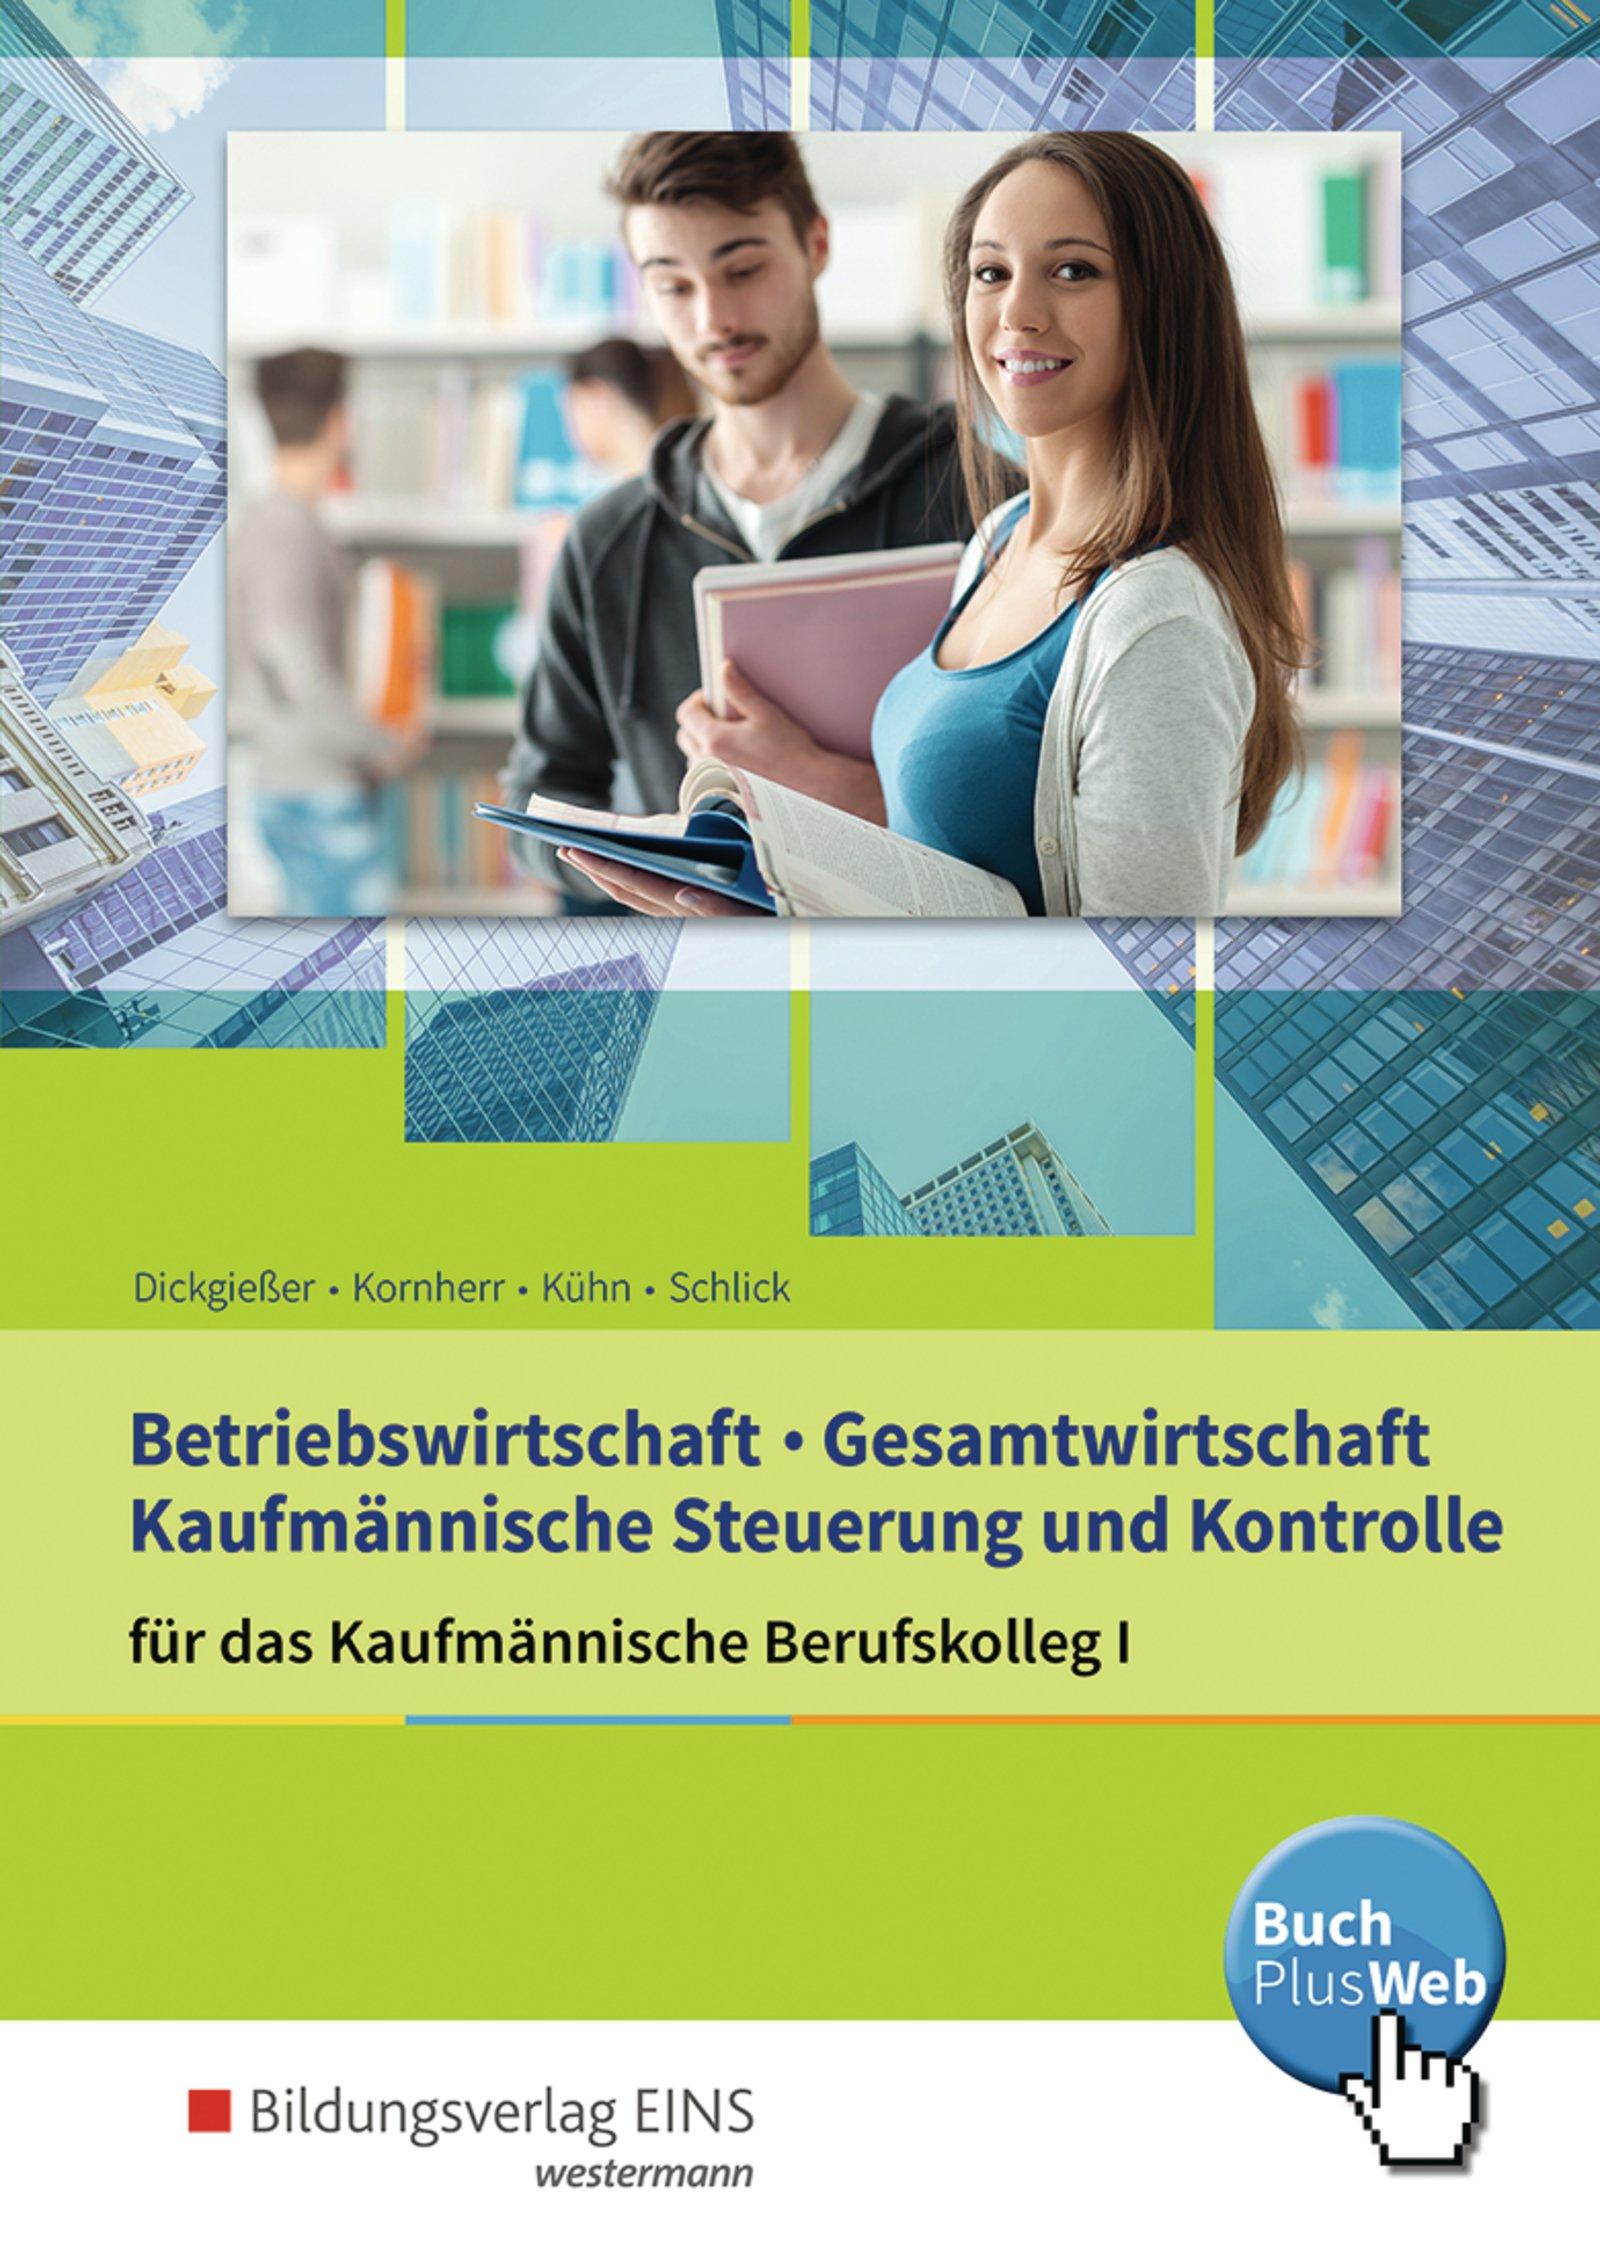 Wirtschaft für kaufmännische Berufskollegs: Betriebswirtschaft, Gesamtwirtschaft, Steuerung und Kontrolle: für das Kaufmännische Berufskolleg I: Schülerband